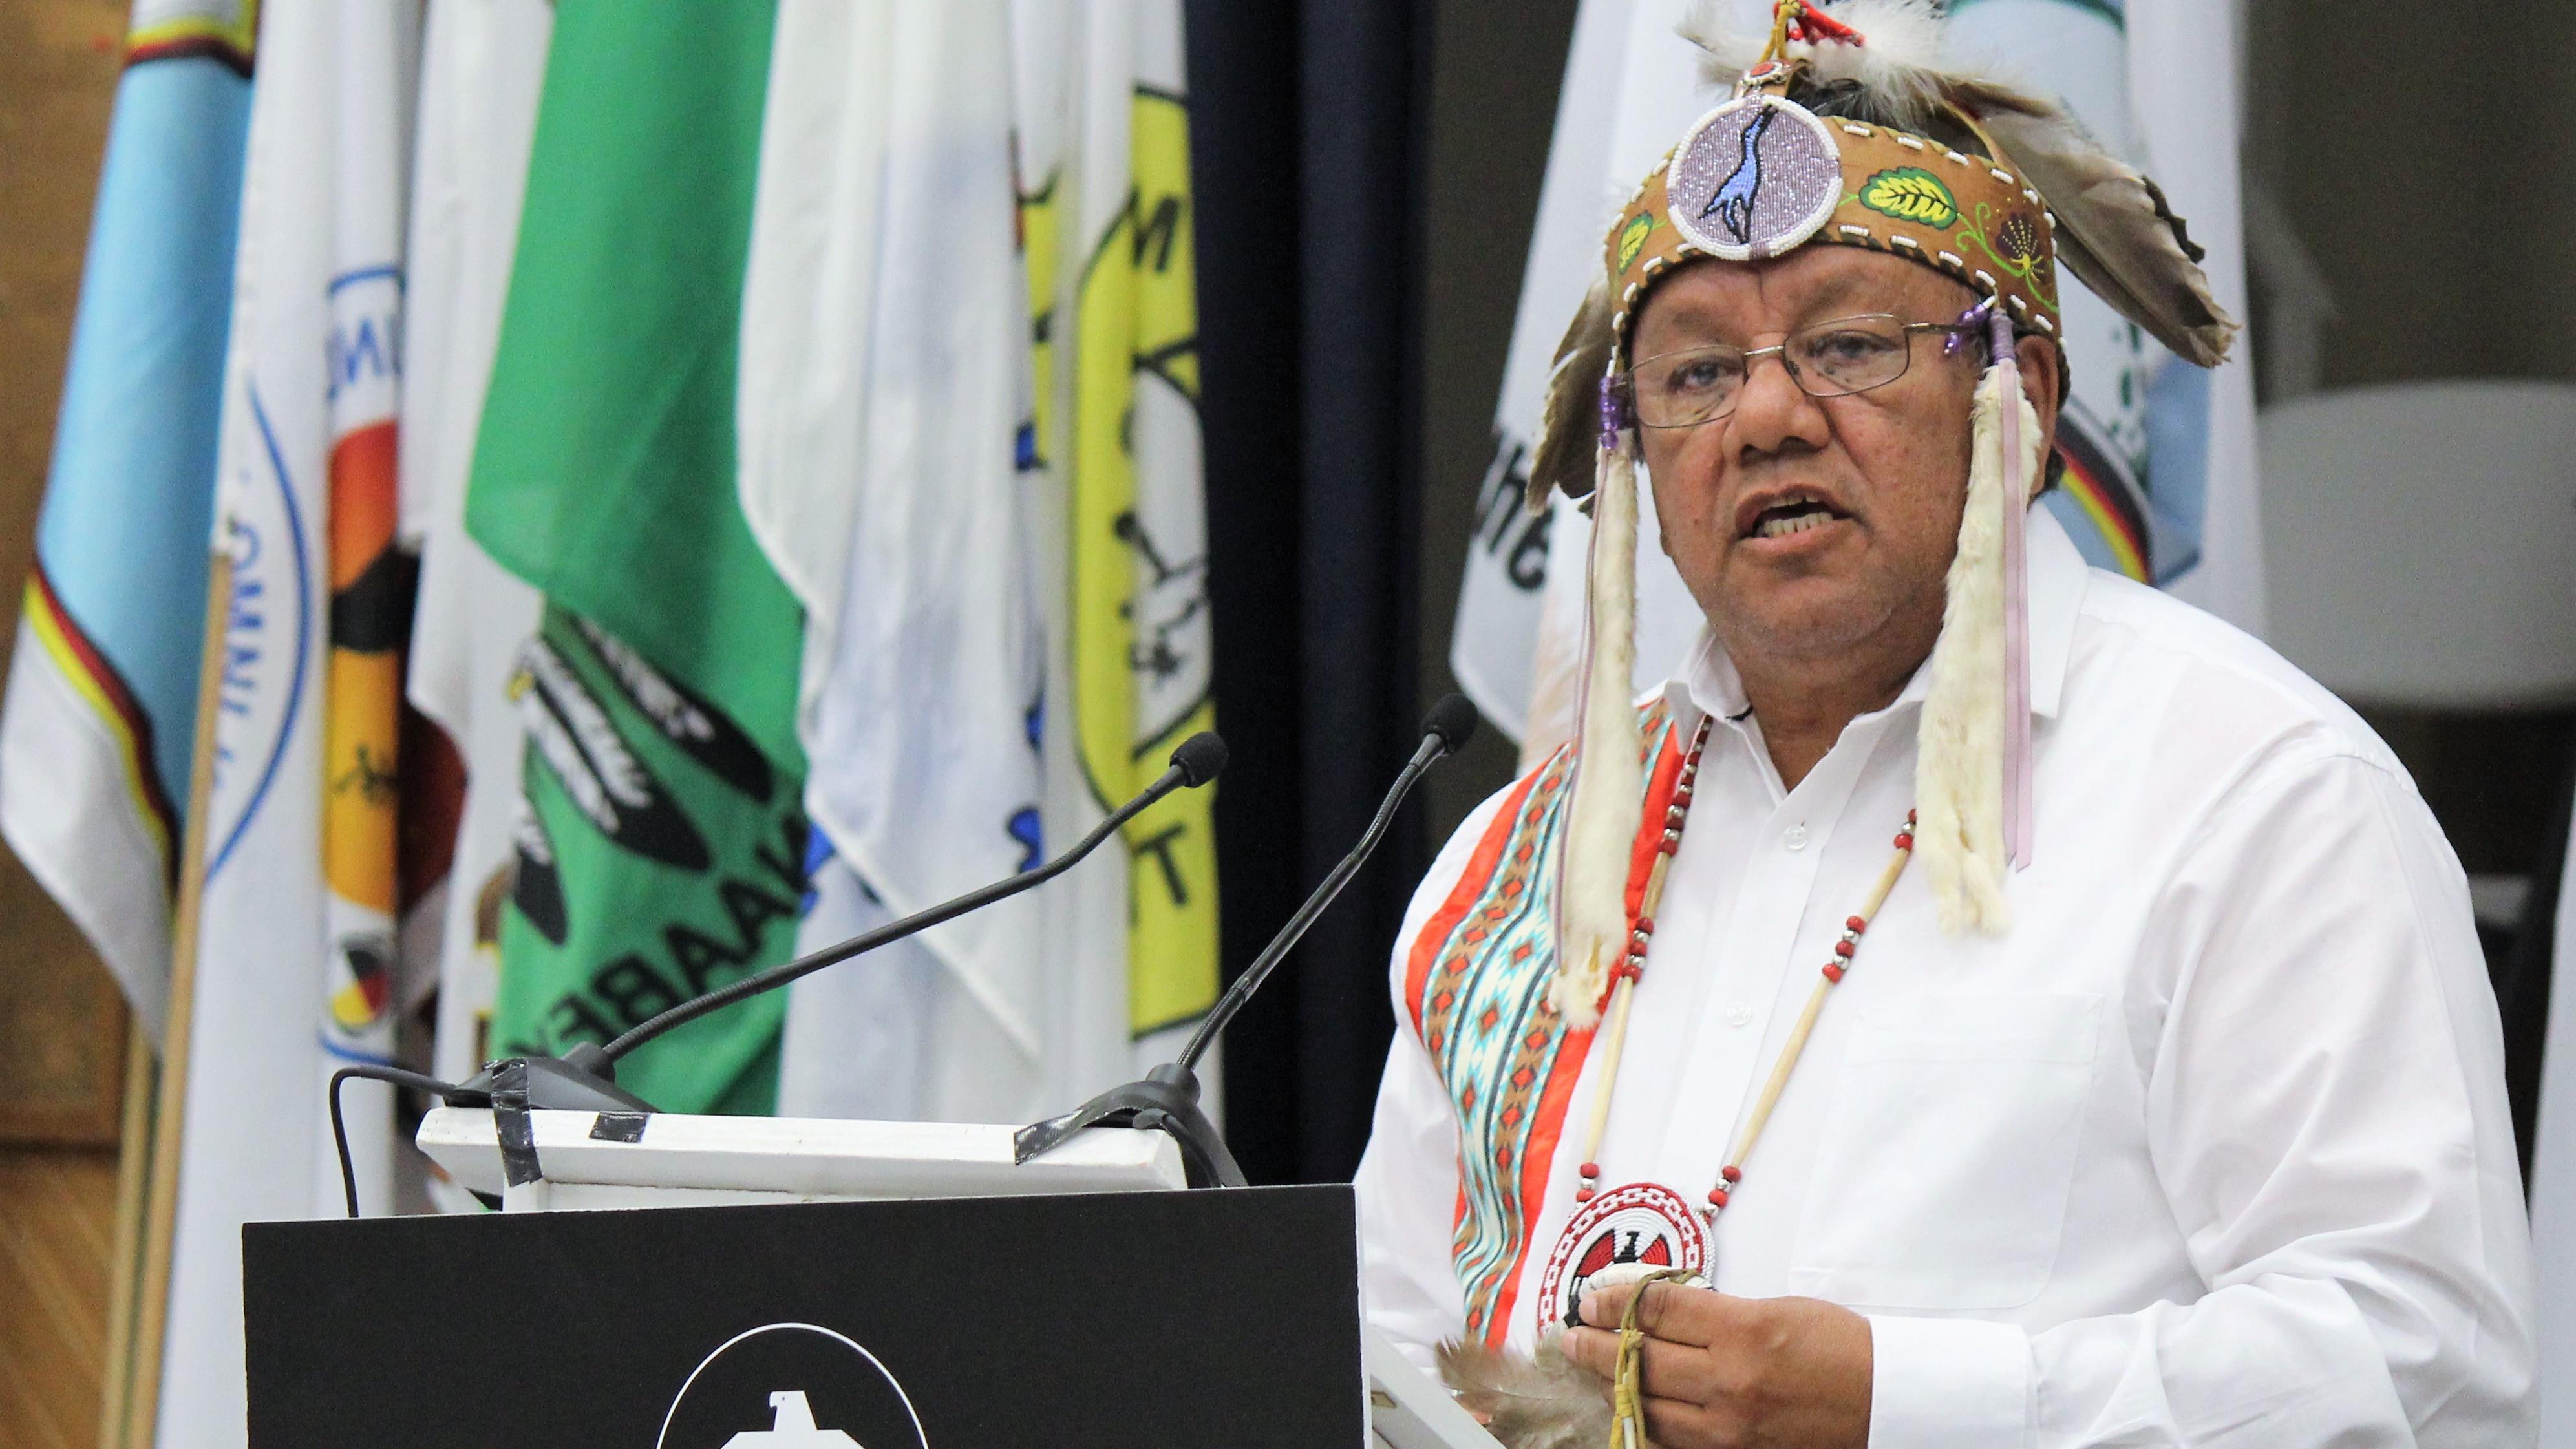 El gran jefe de la Primera Nación Anishinabek, Glen Hare, lleva puesto ornamentos tradicionales.